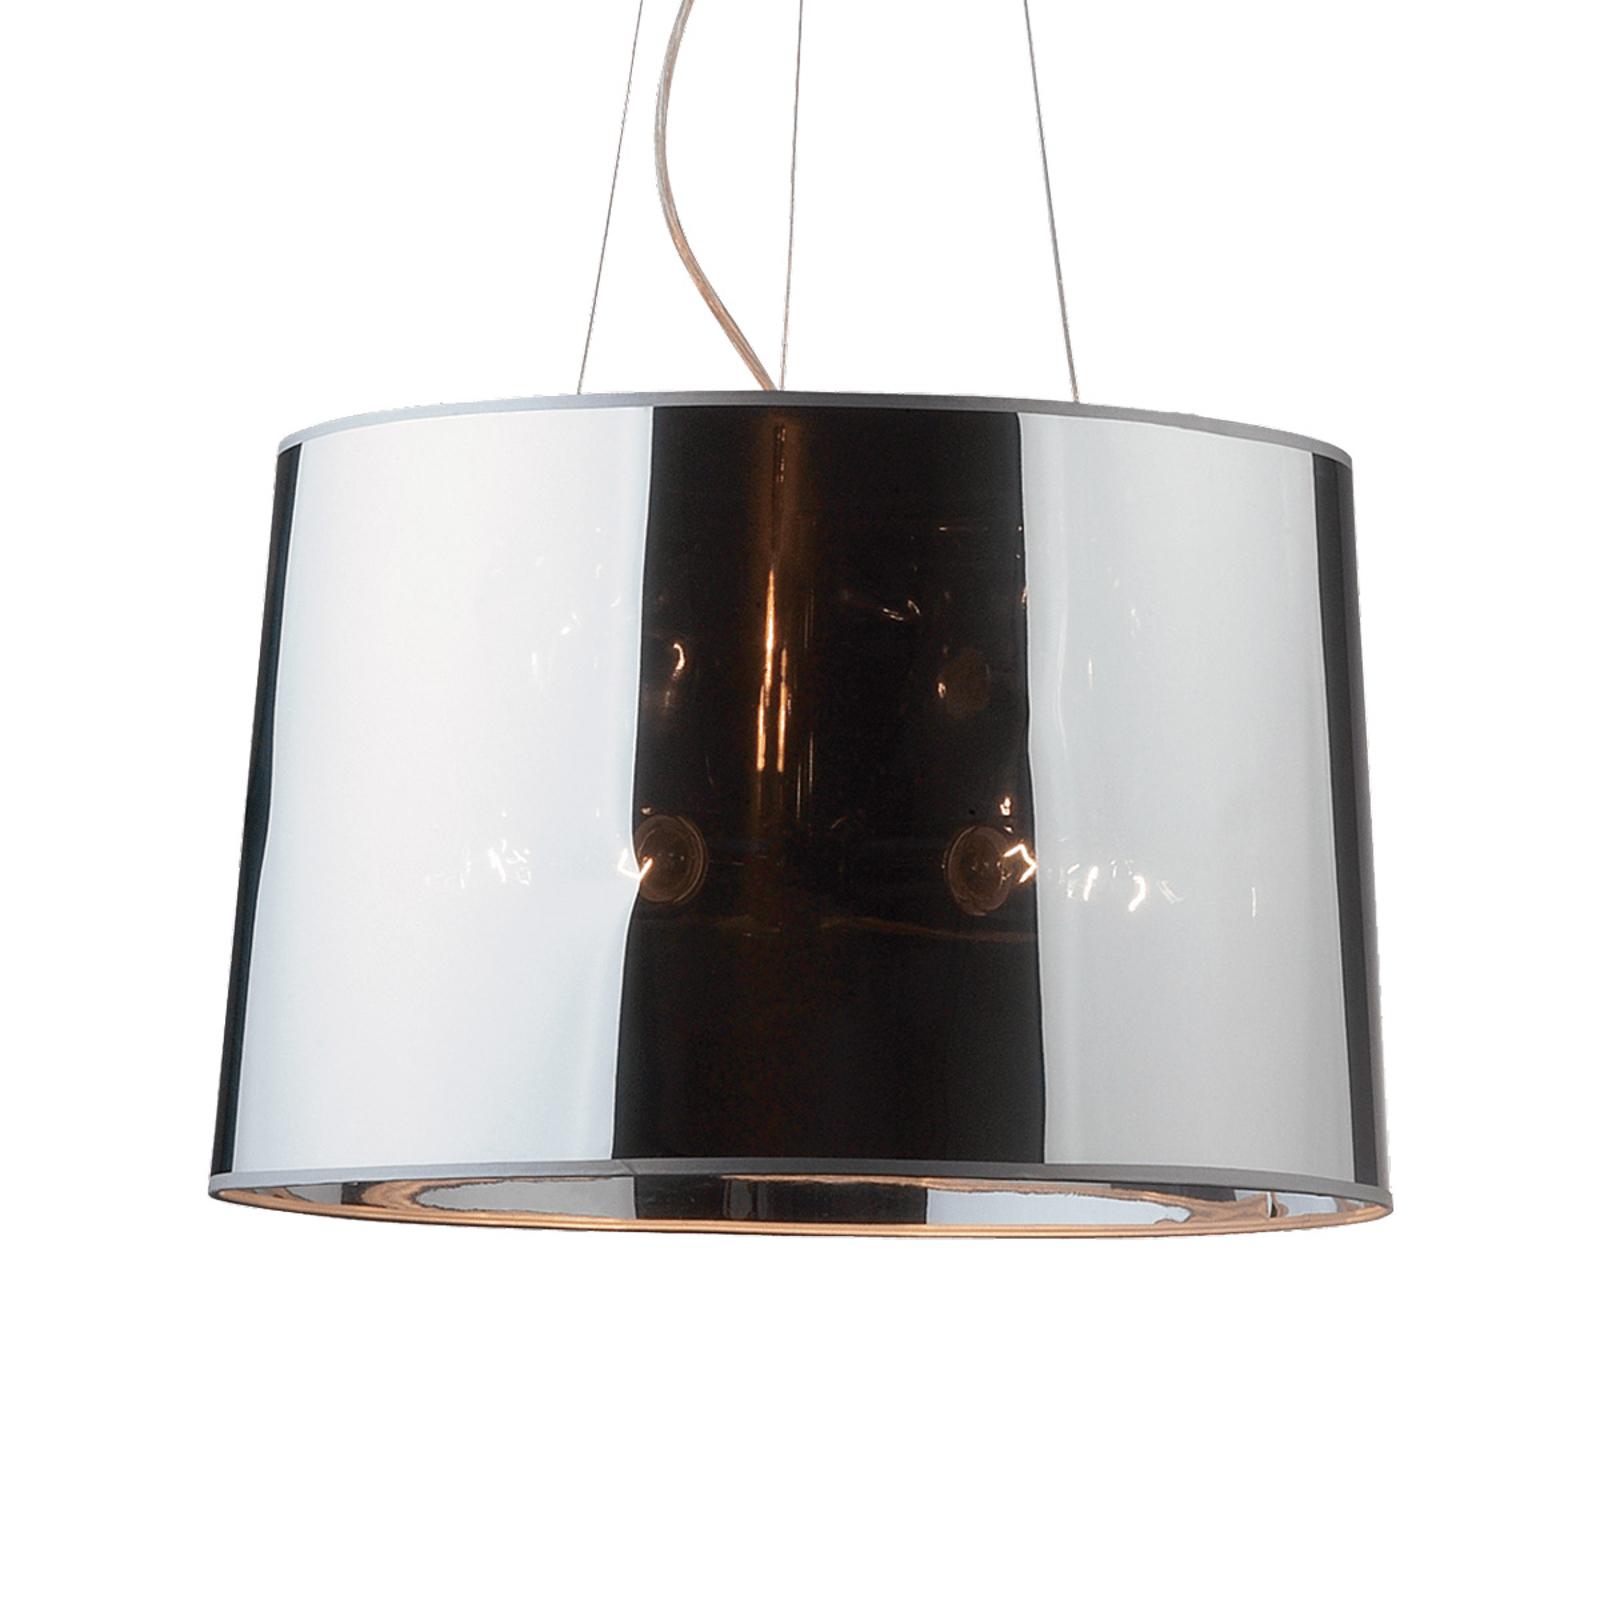 Hanglamp London Cromo, in hoogte verstelbaar